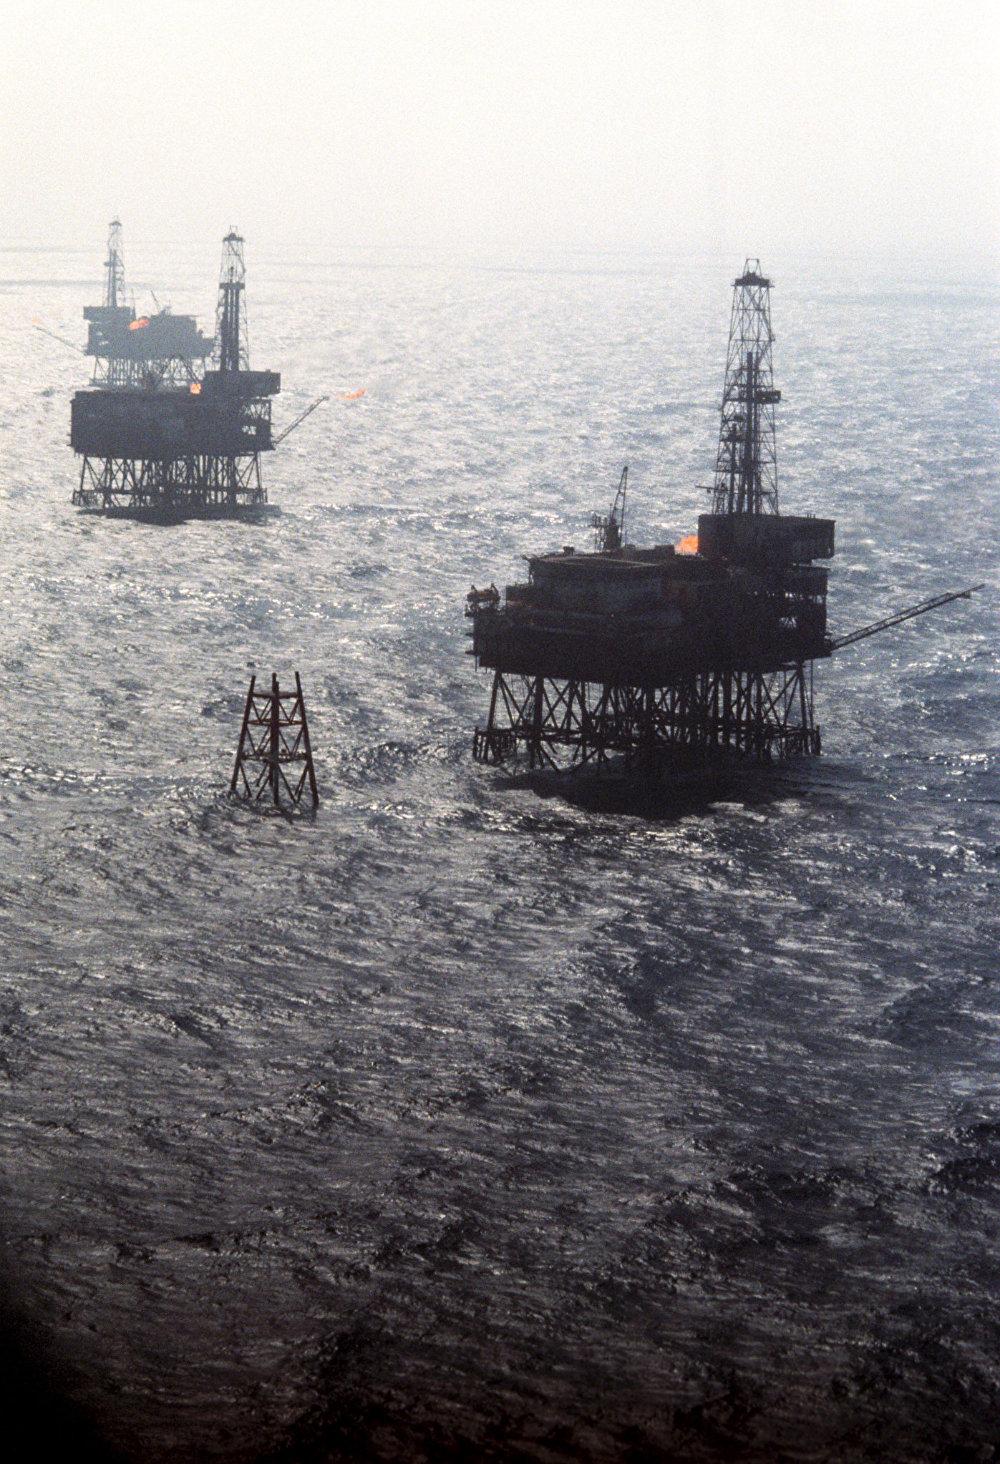 相信俄石油與越南開採石油一事得到妥善解決